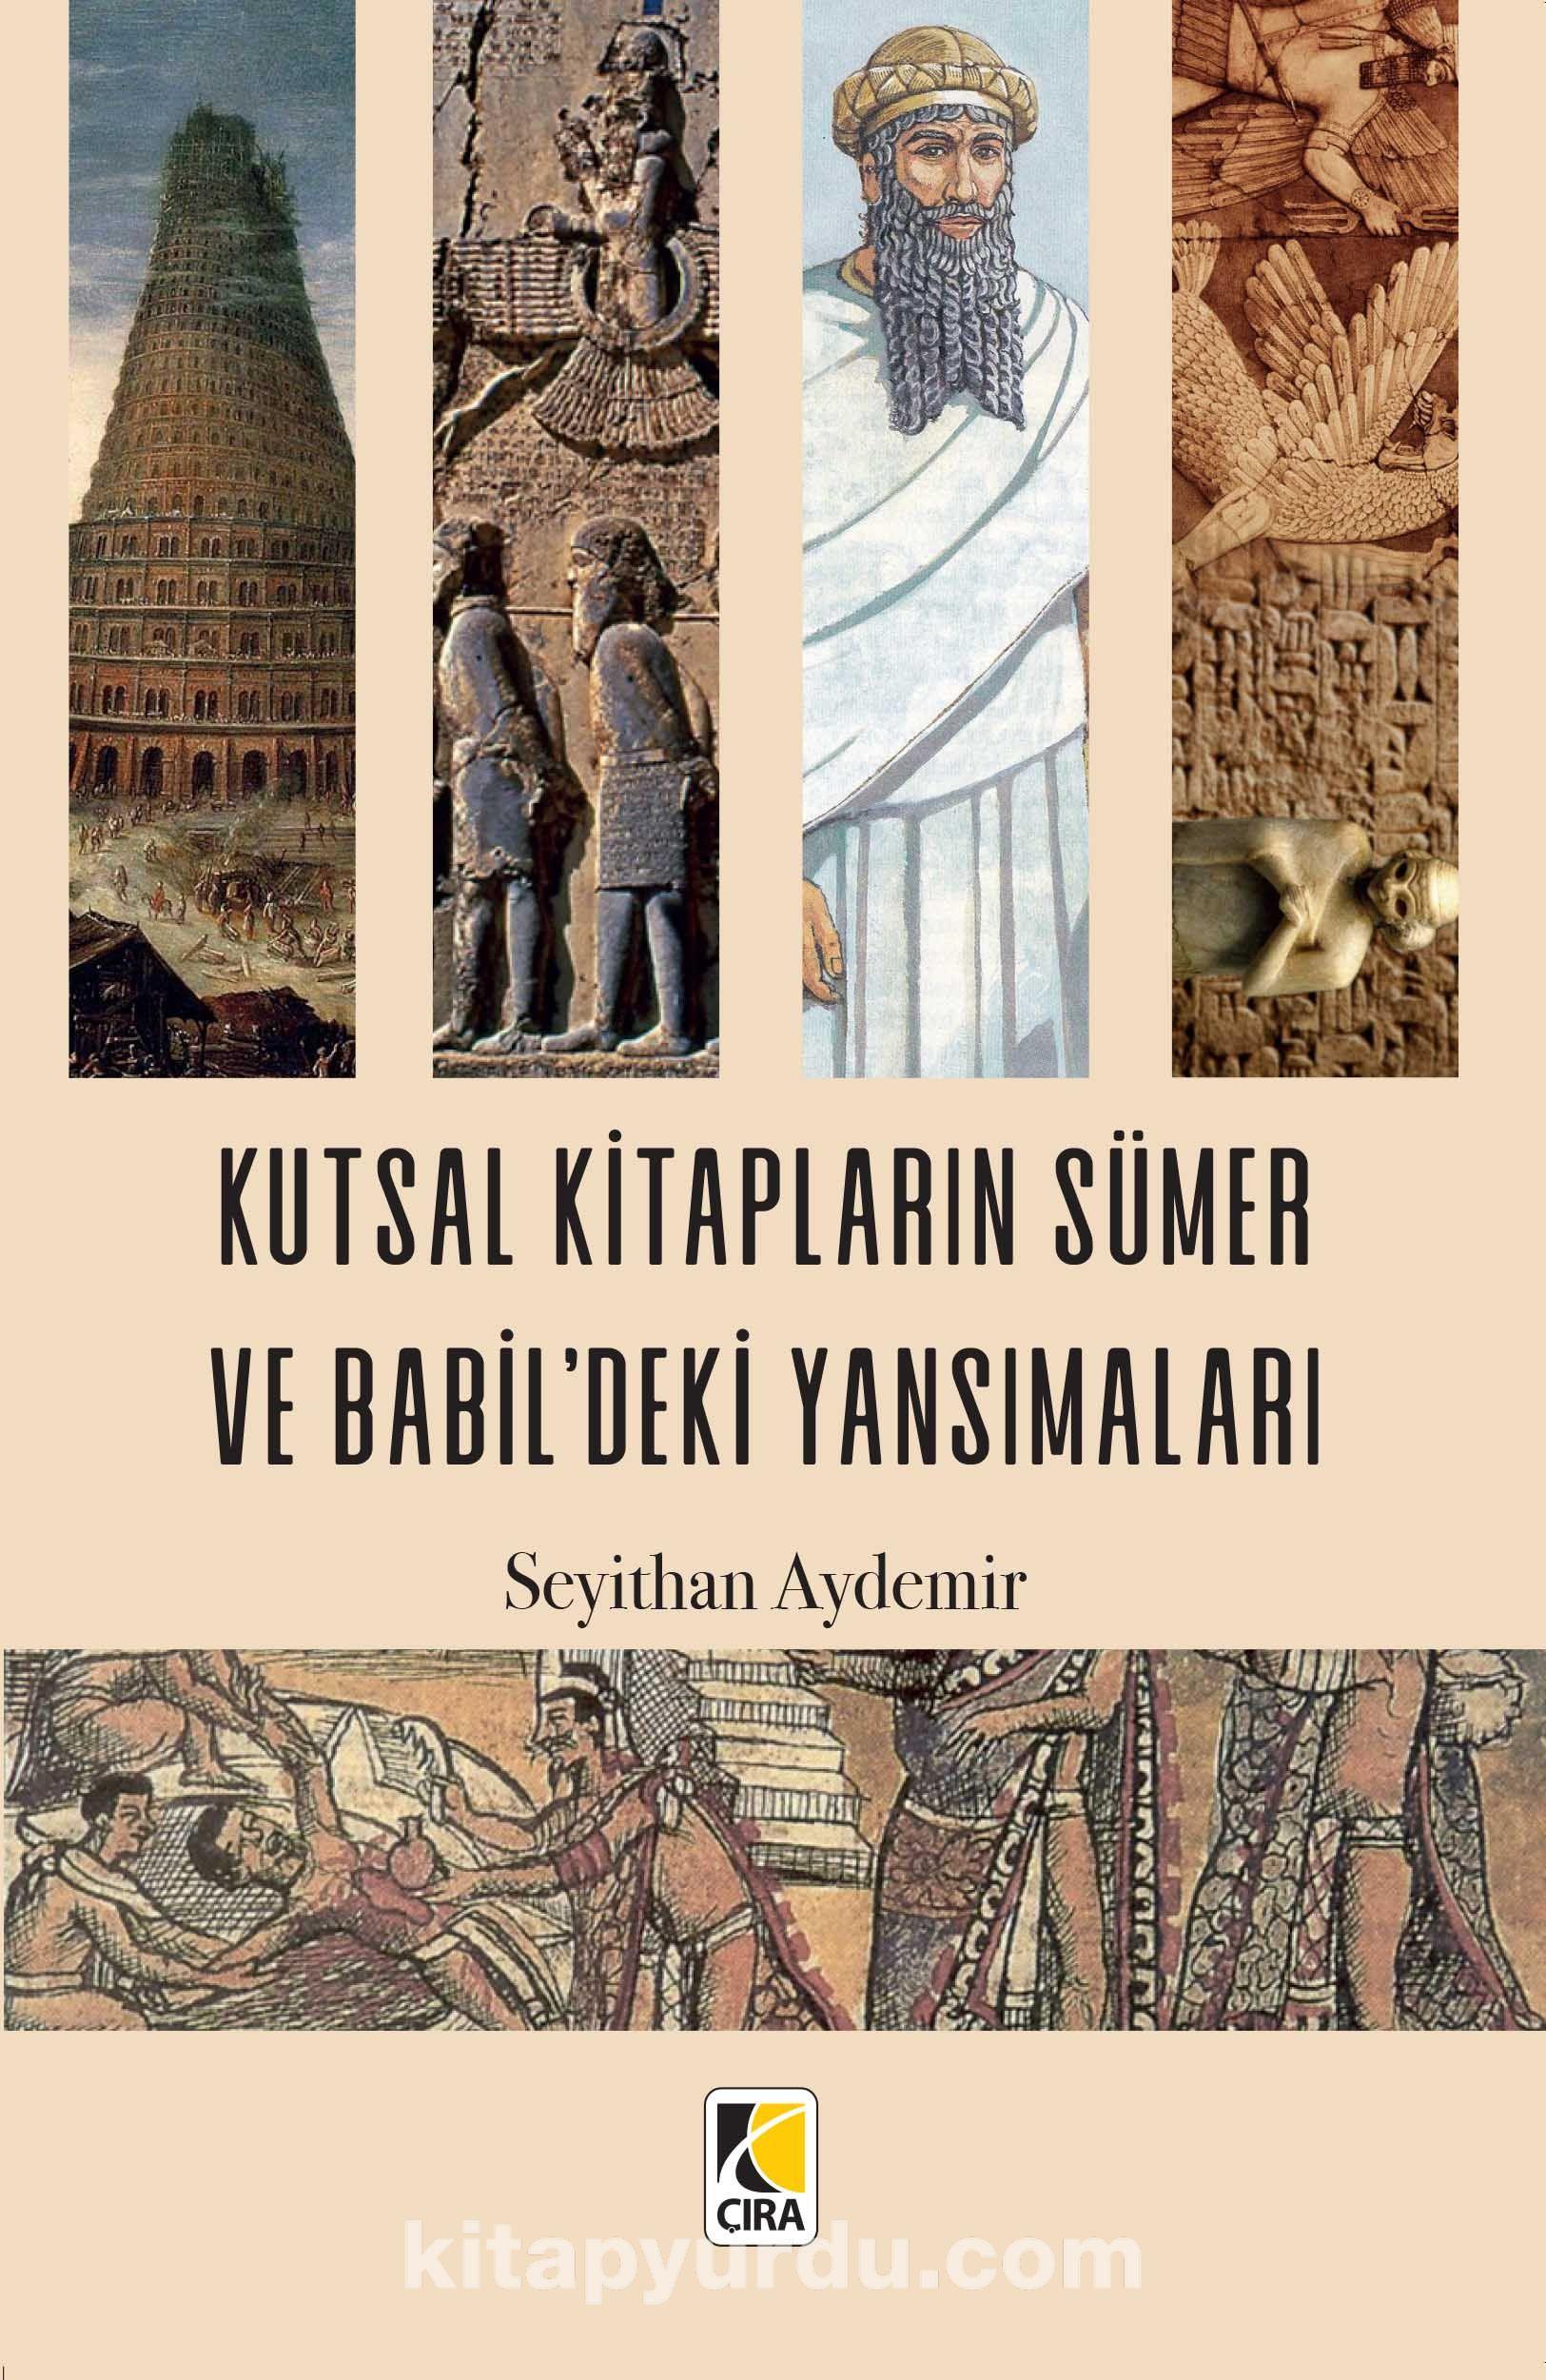 Kutsal KitaplarınSümer ve Babil'deki Yansımaları - Seyithan Aydemir pdf epub